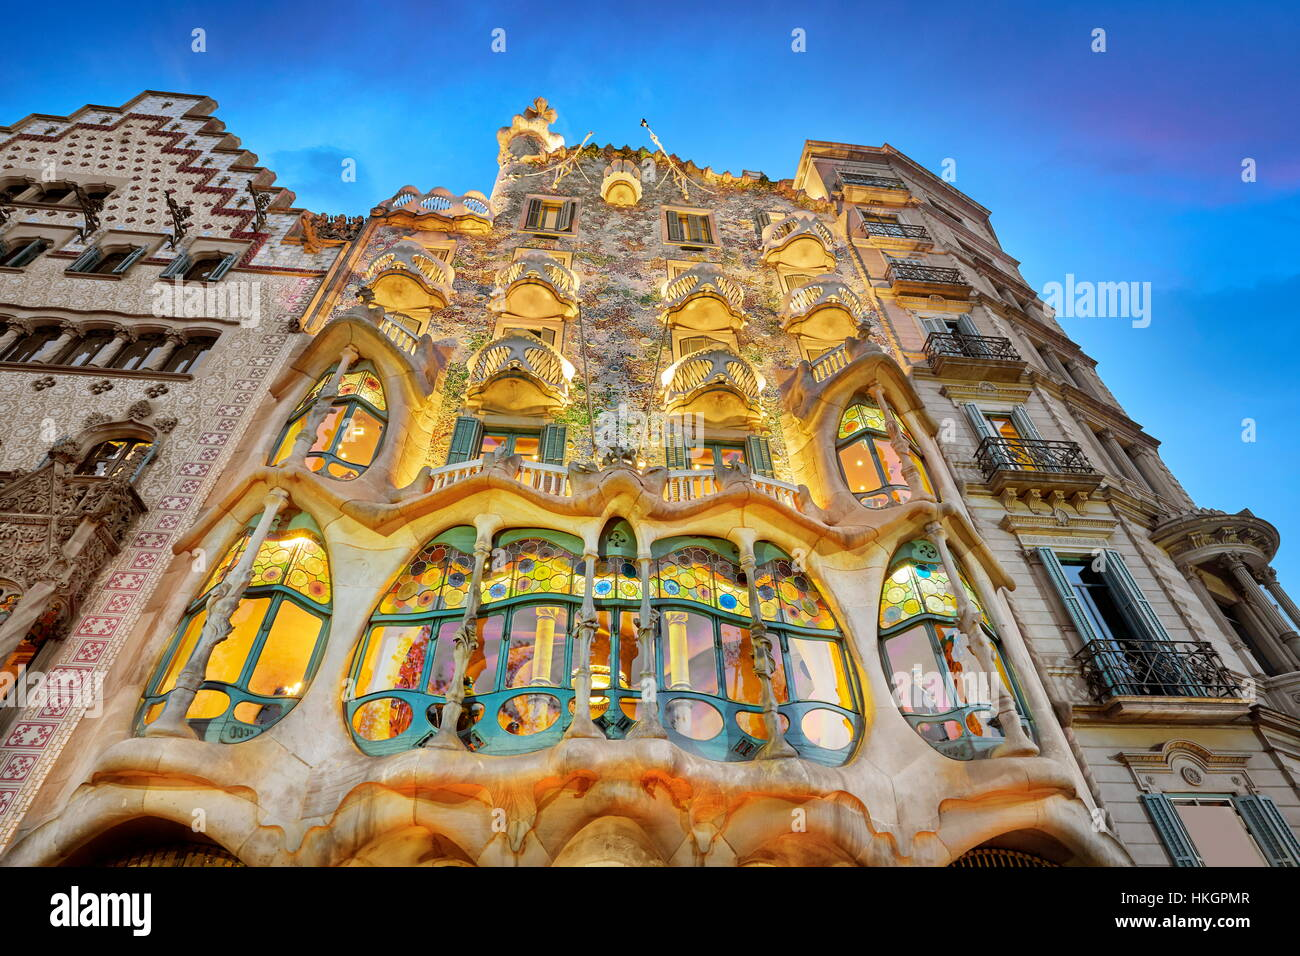 Diseño de la casa, Casa Batlló de Antonio Gaudí al atardecer, Barcelona, España Imagen De Stock